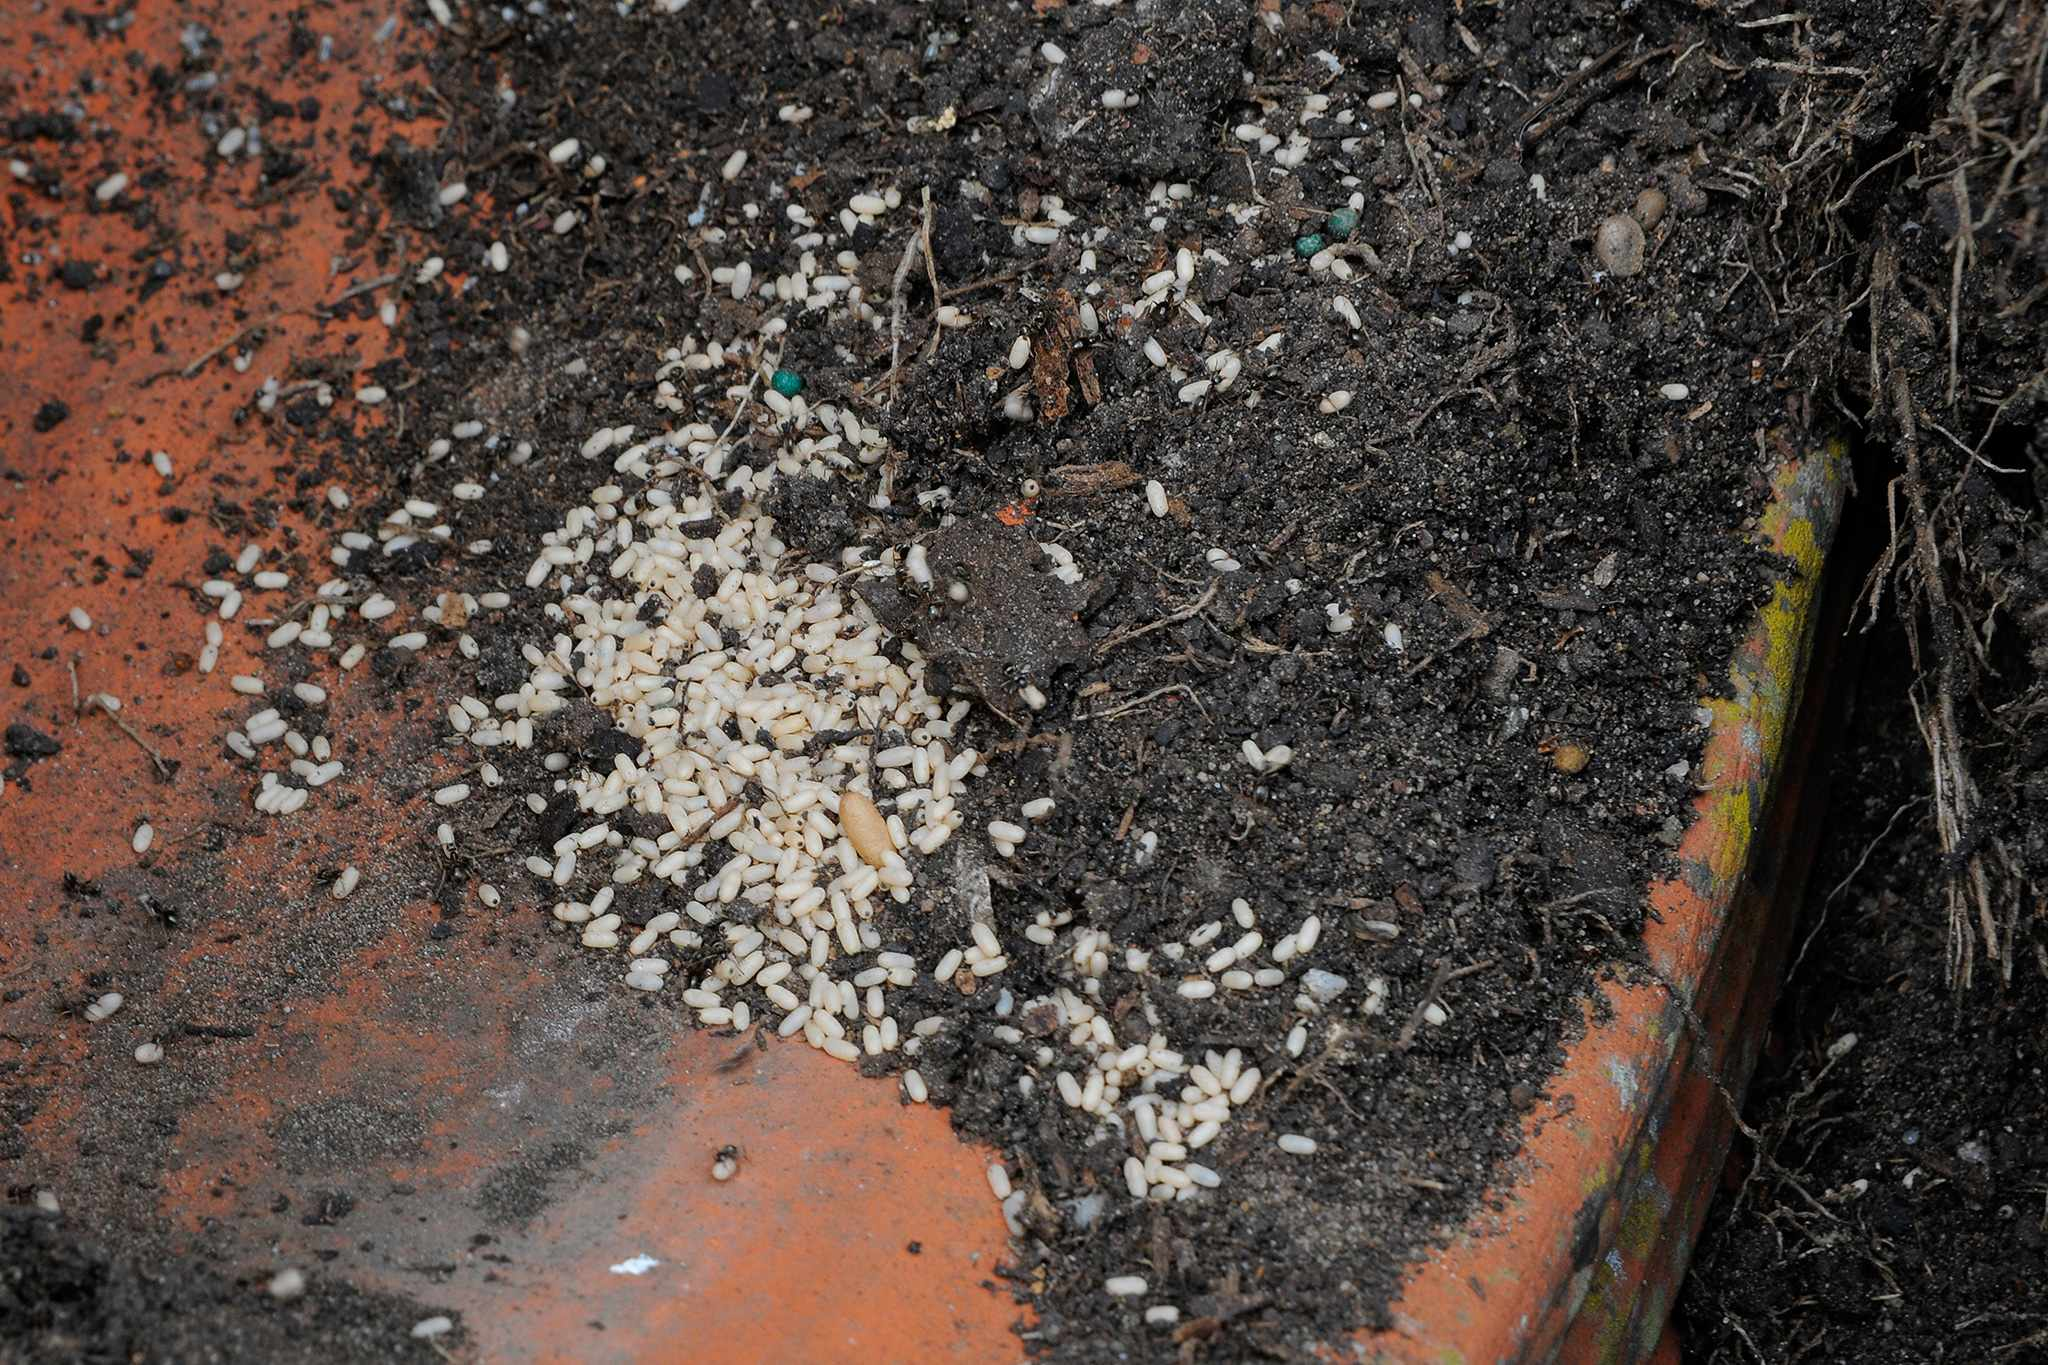 Ants in the garden